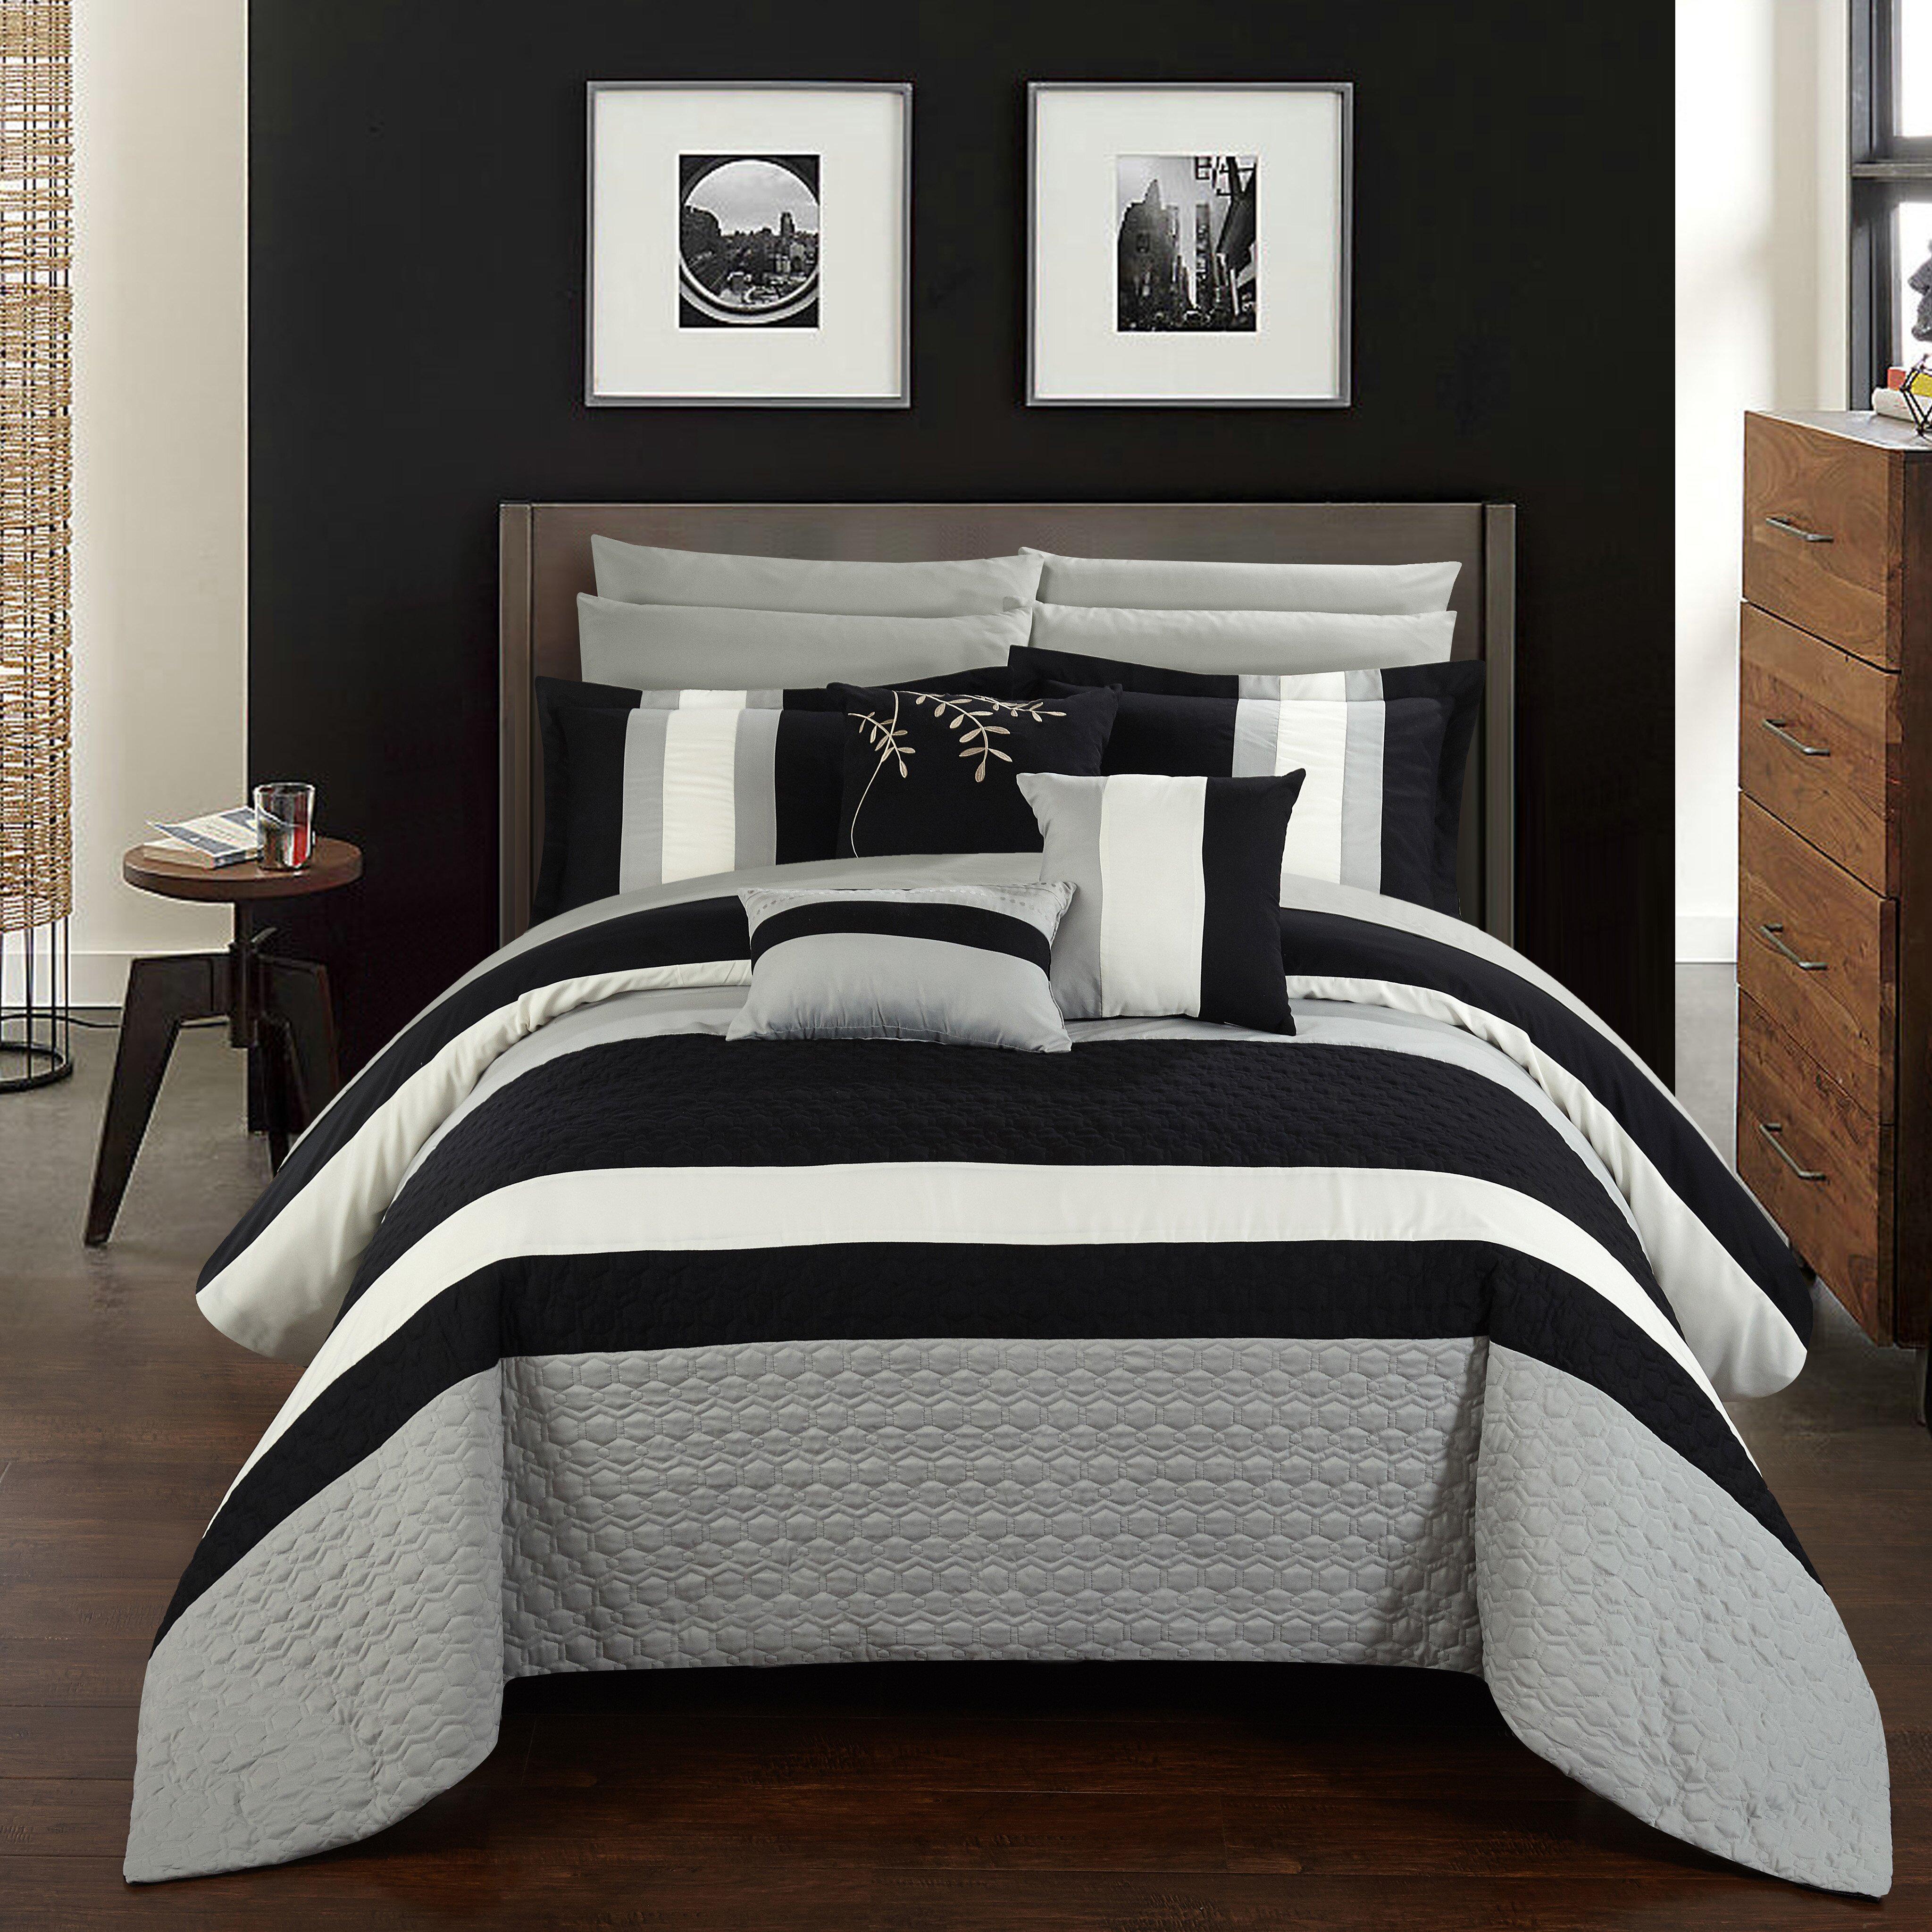 Tahari Sheets Sale: Pueblo 10 Piece Comforter Set